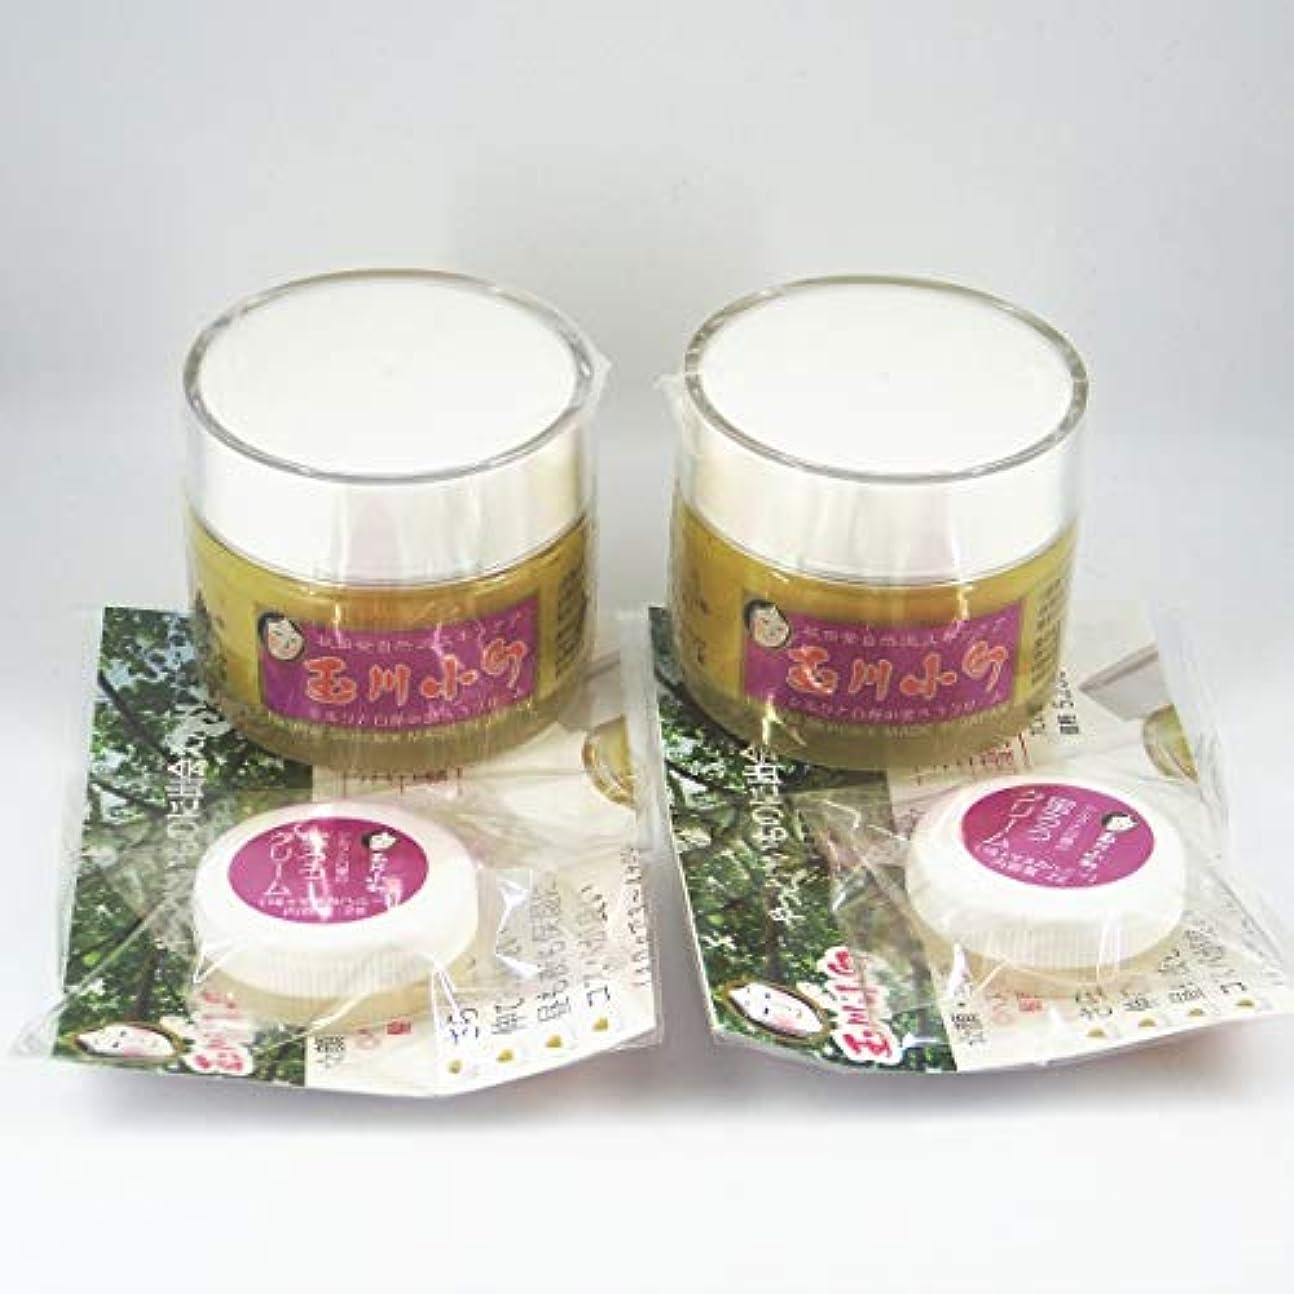 高度識字山積みの玉川小町シルクと白樺の蜜ろうクリーム 2g×2個付お得セット